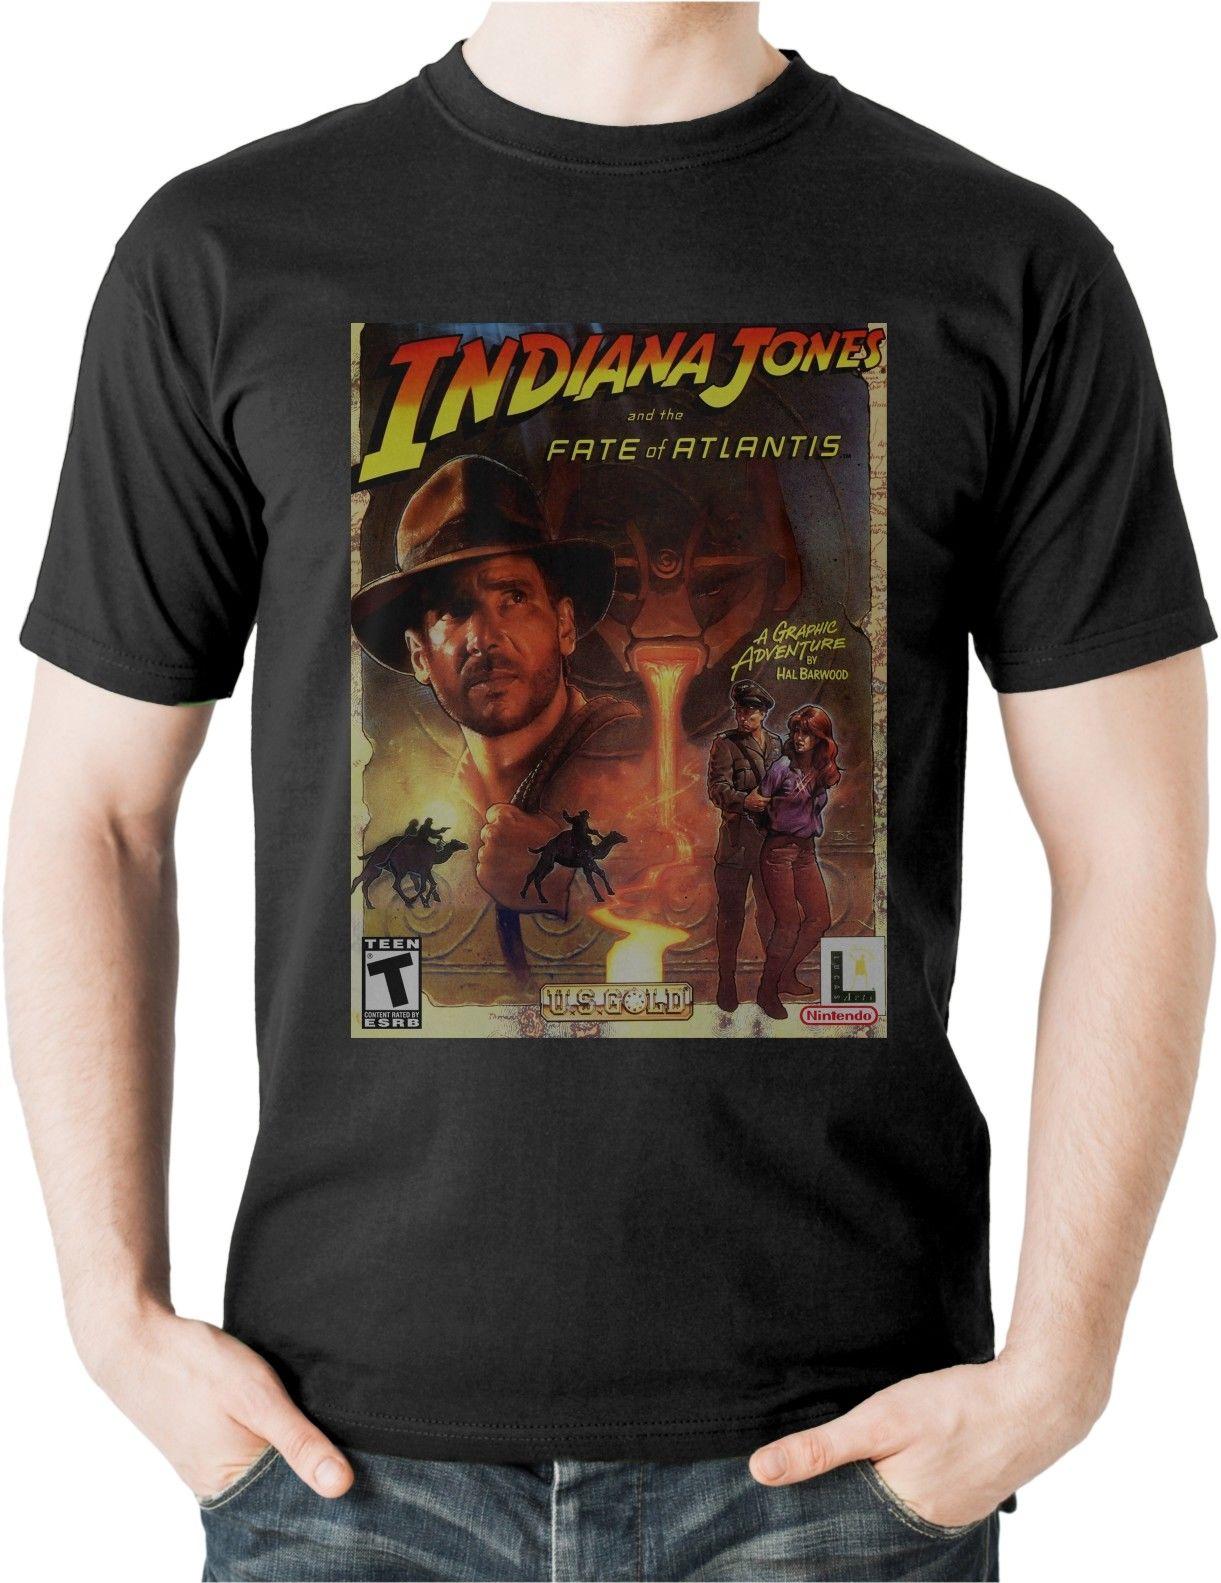 Индиана Джонс и судьба Atlantis футболка приключенческая игра Lucas искусств футболка 3829